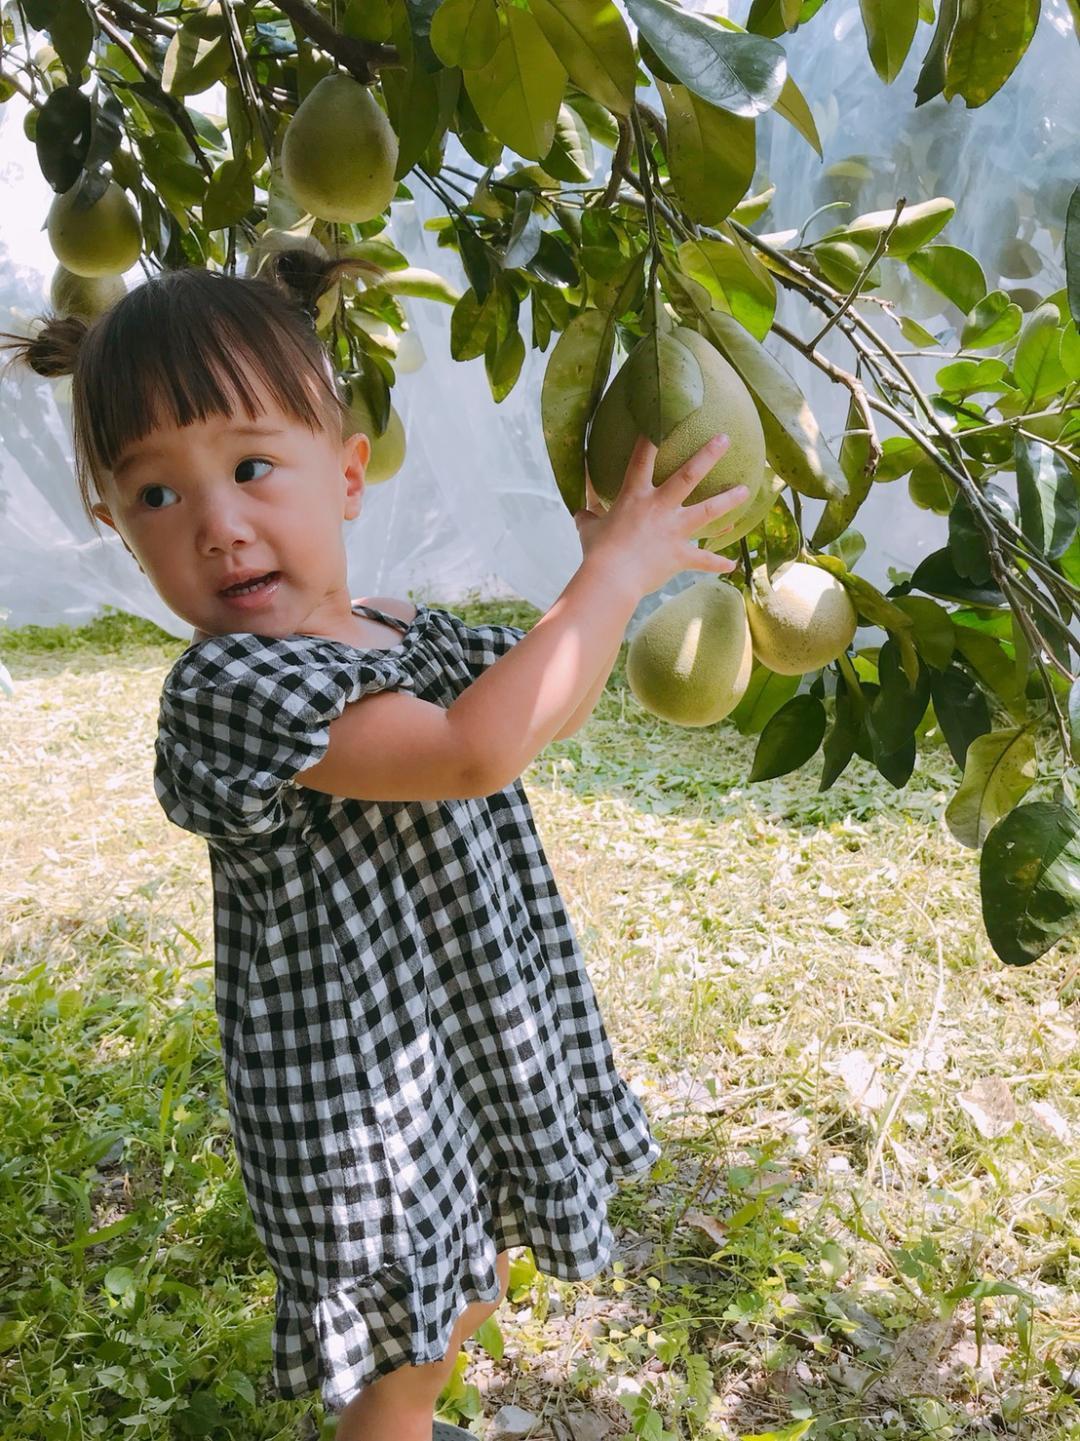 秋遊宜蘭冬山鄉可以選擇到各休閒農業區,感受農遊樂趣。圖/冬山鄉農會提供